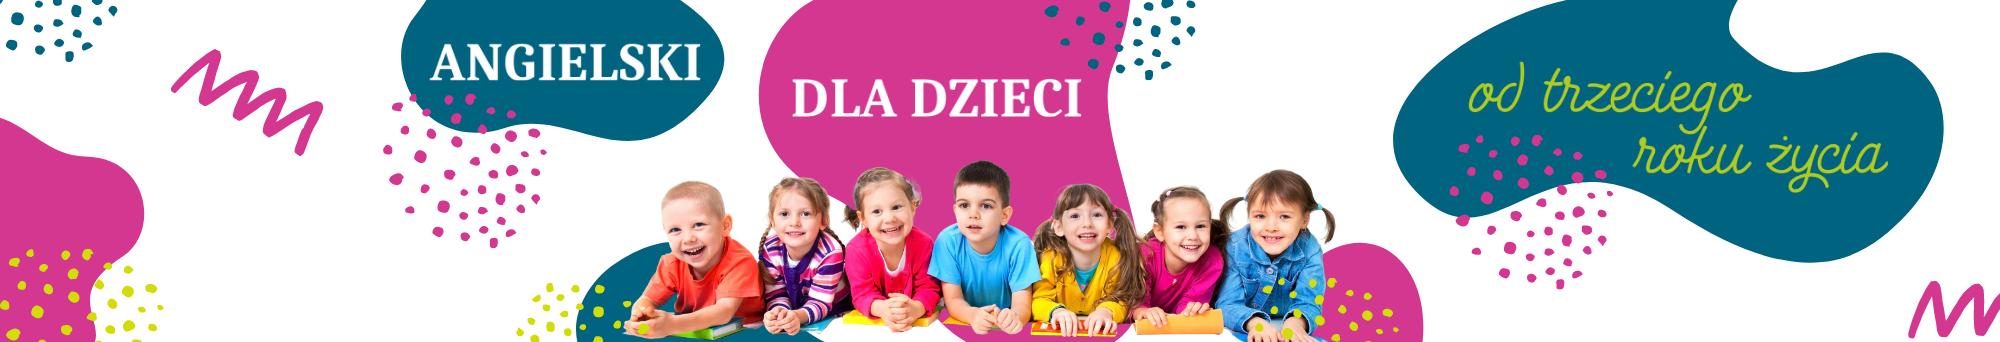 Angielskie dla dzieci od 3 roku życia - slide